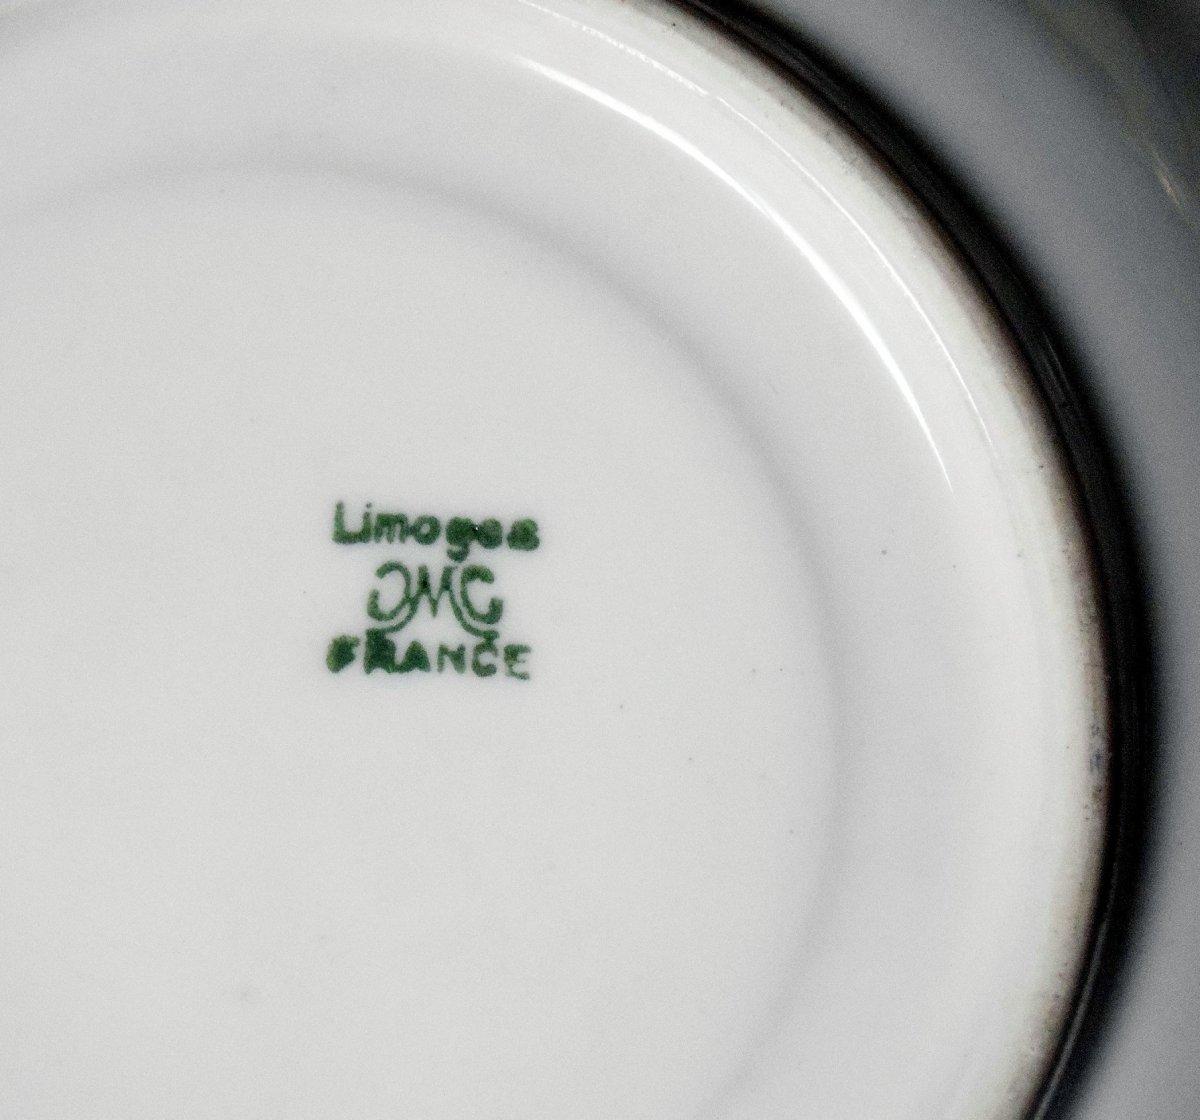 Service à café aux barbeaux Limoges CMC Maureil Chapeau Charles-photo-3